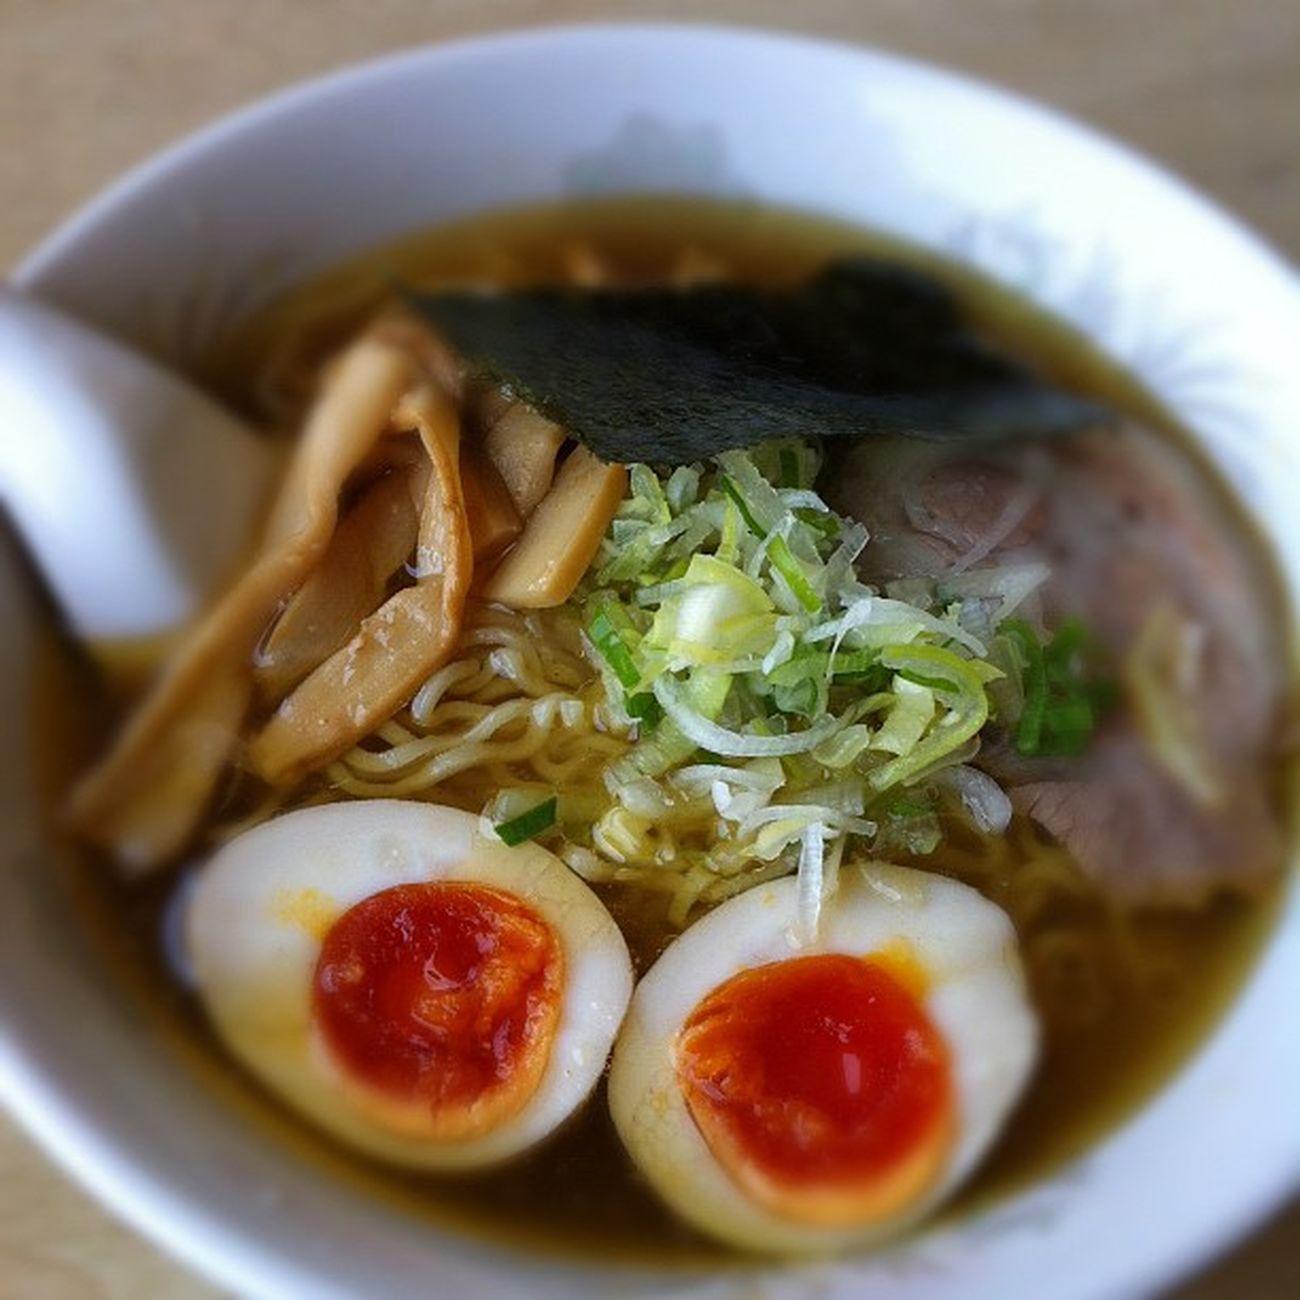 煮玉子ら〜めん650円。自家製麺プリプリ、スープも旨い♪